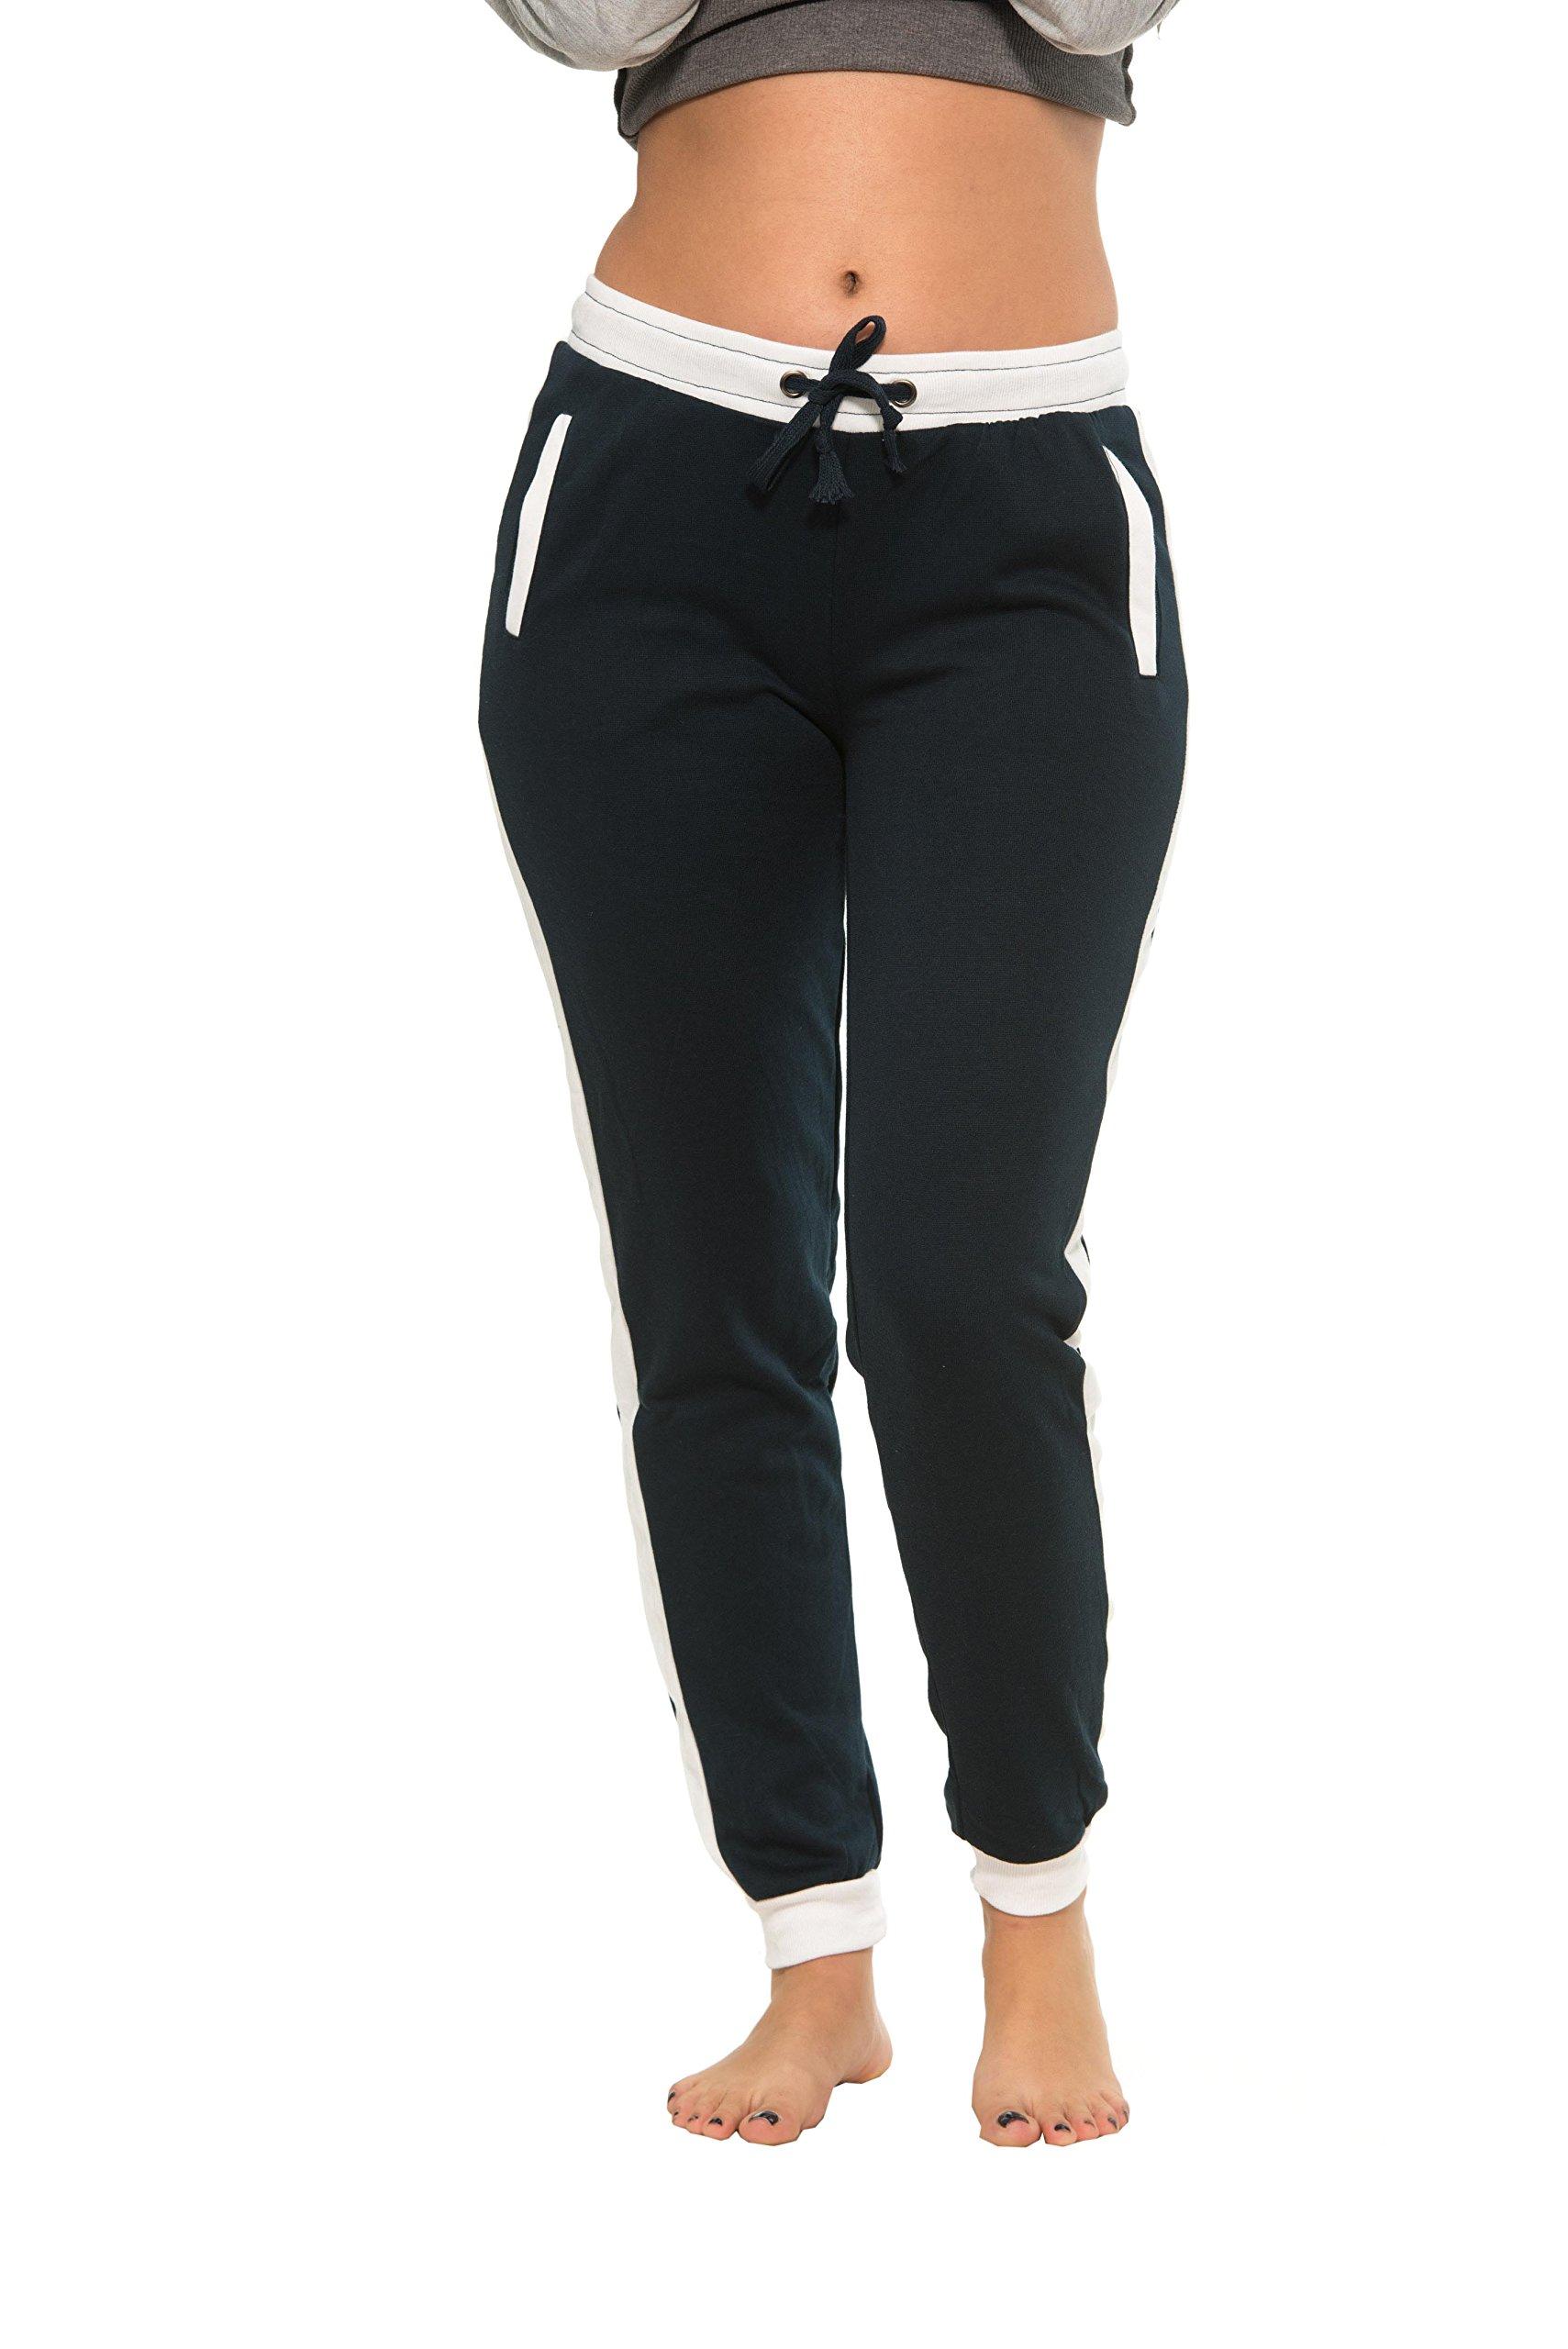 Coco-Limon Women Regular & Plus-Size Jogger Sweatpants , Long Slim Fit,2X,Navy